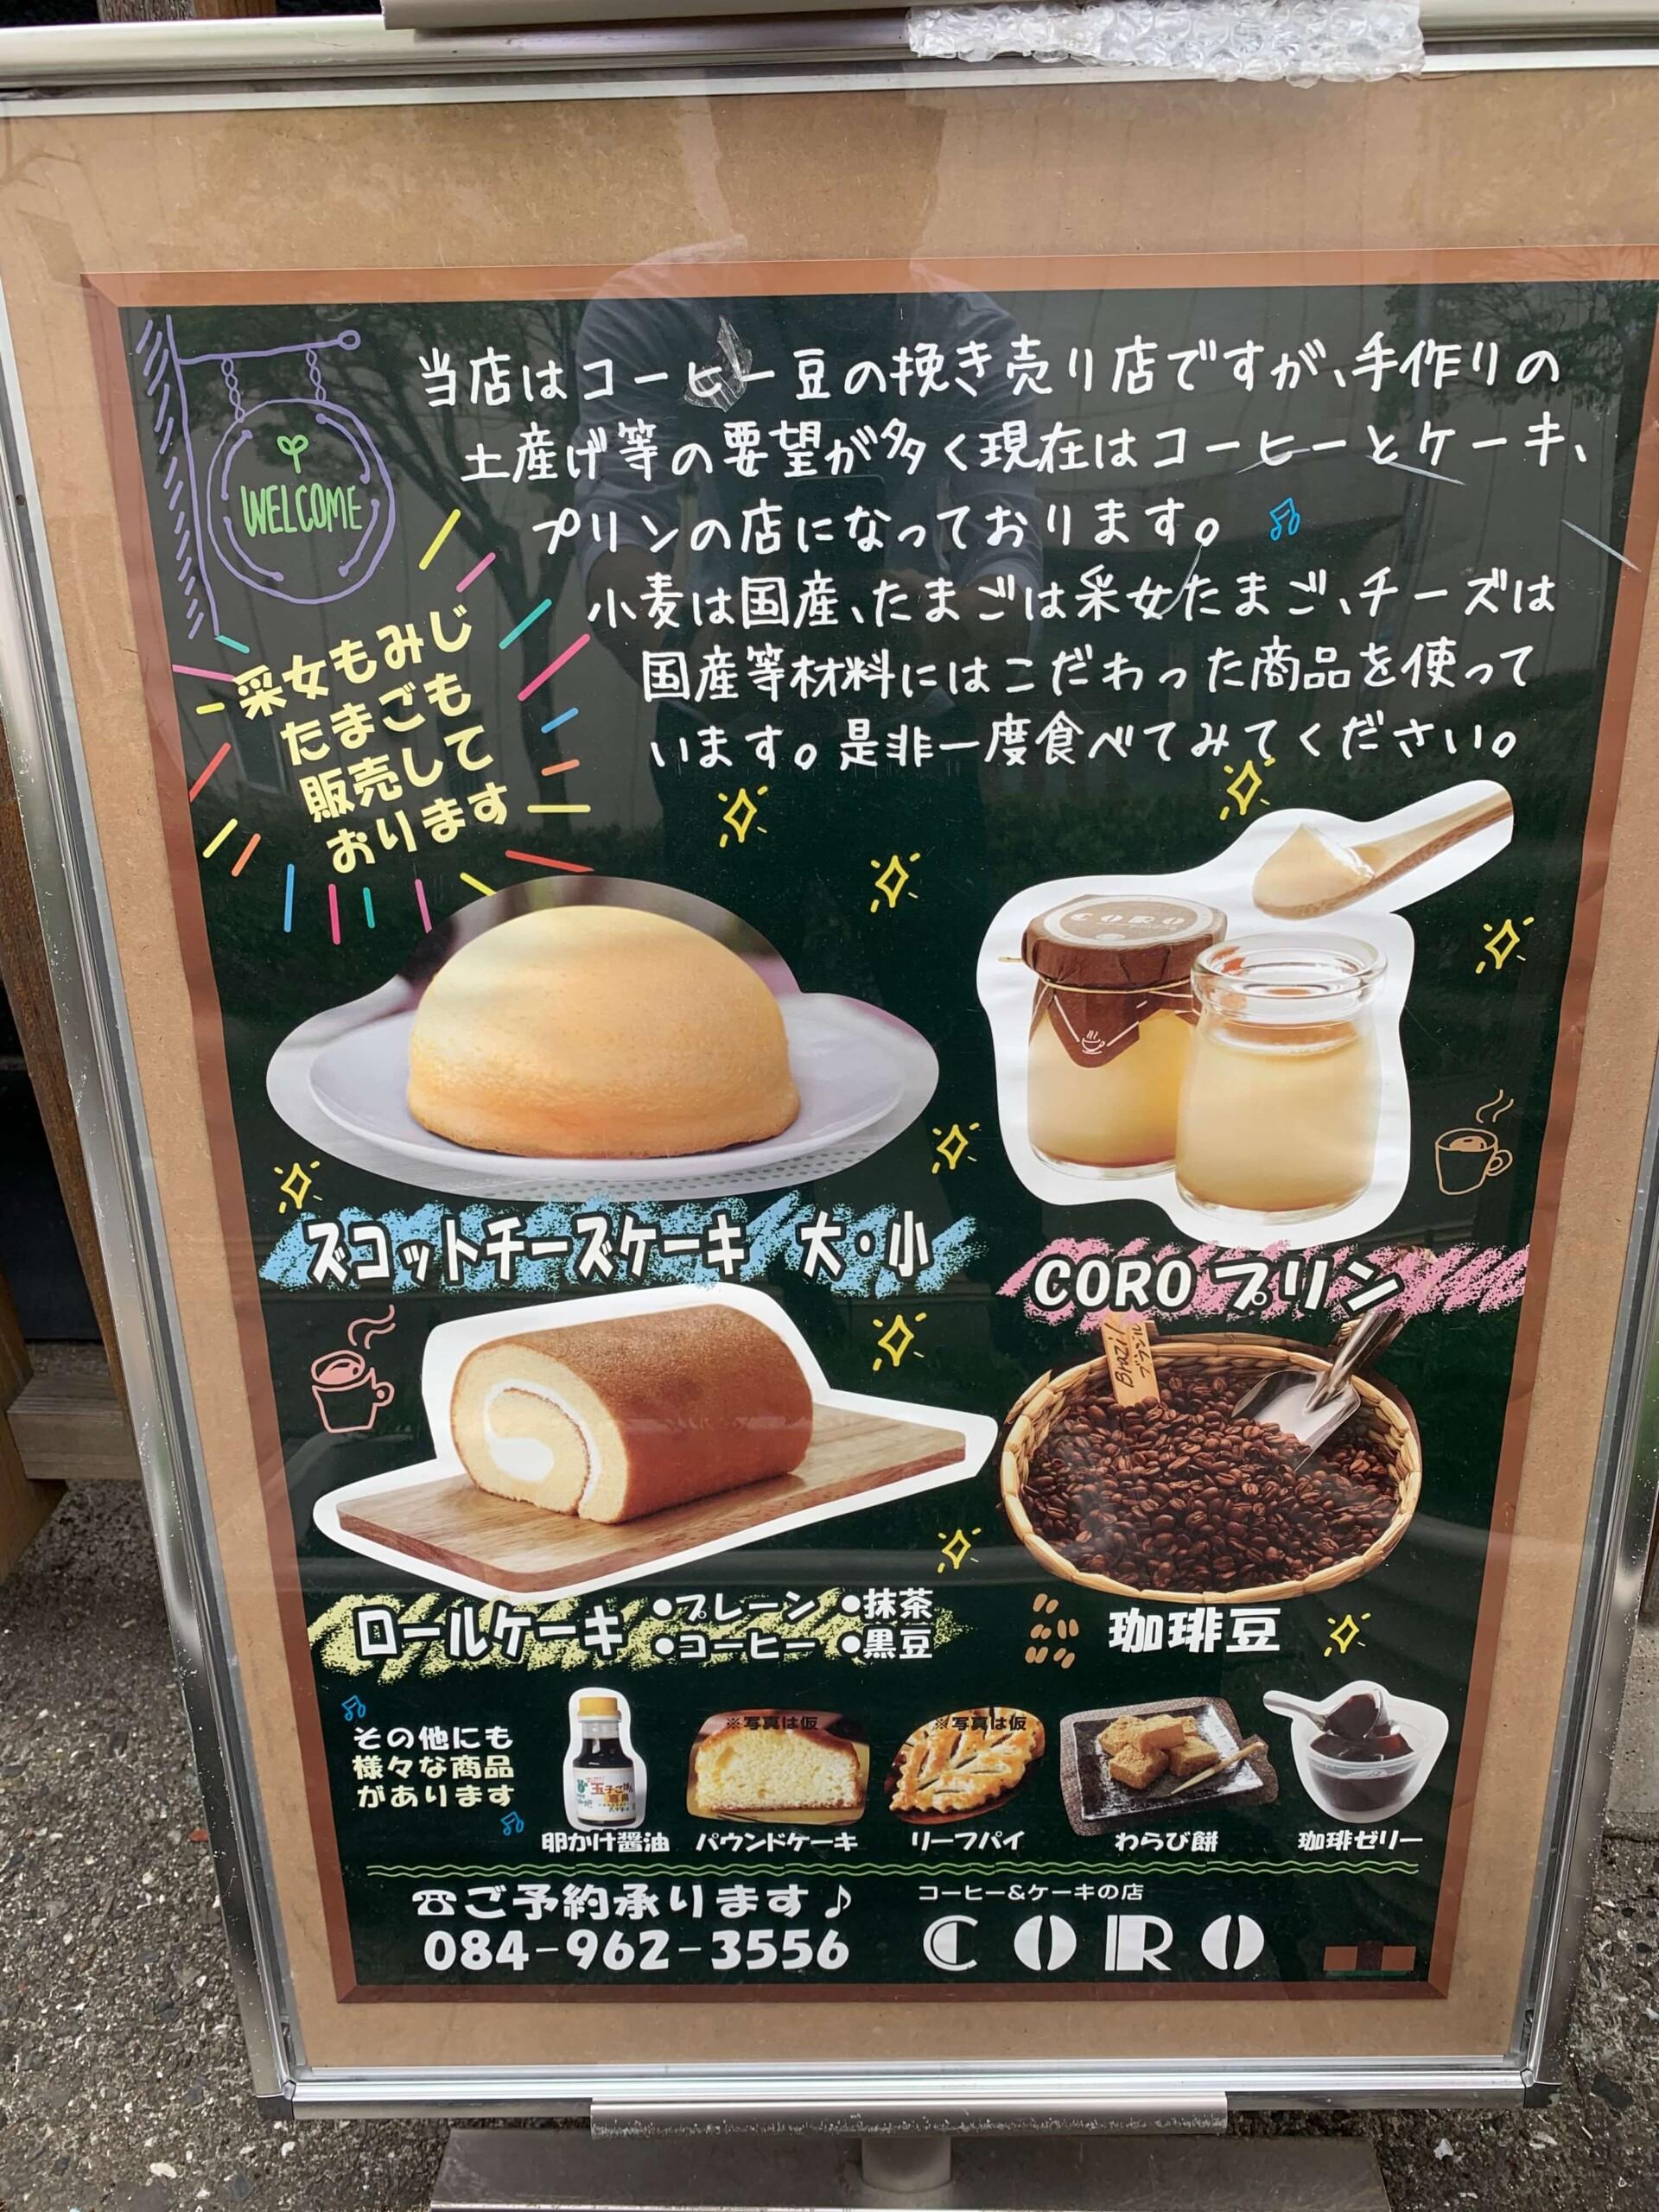 福山コーヒーショップCORO看板